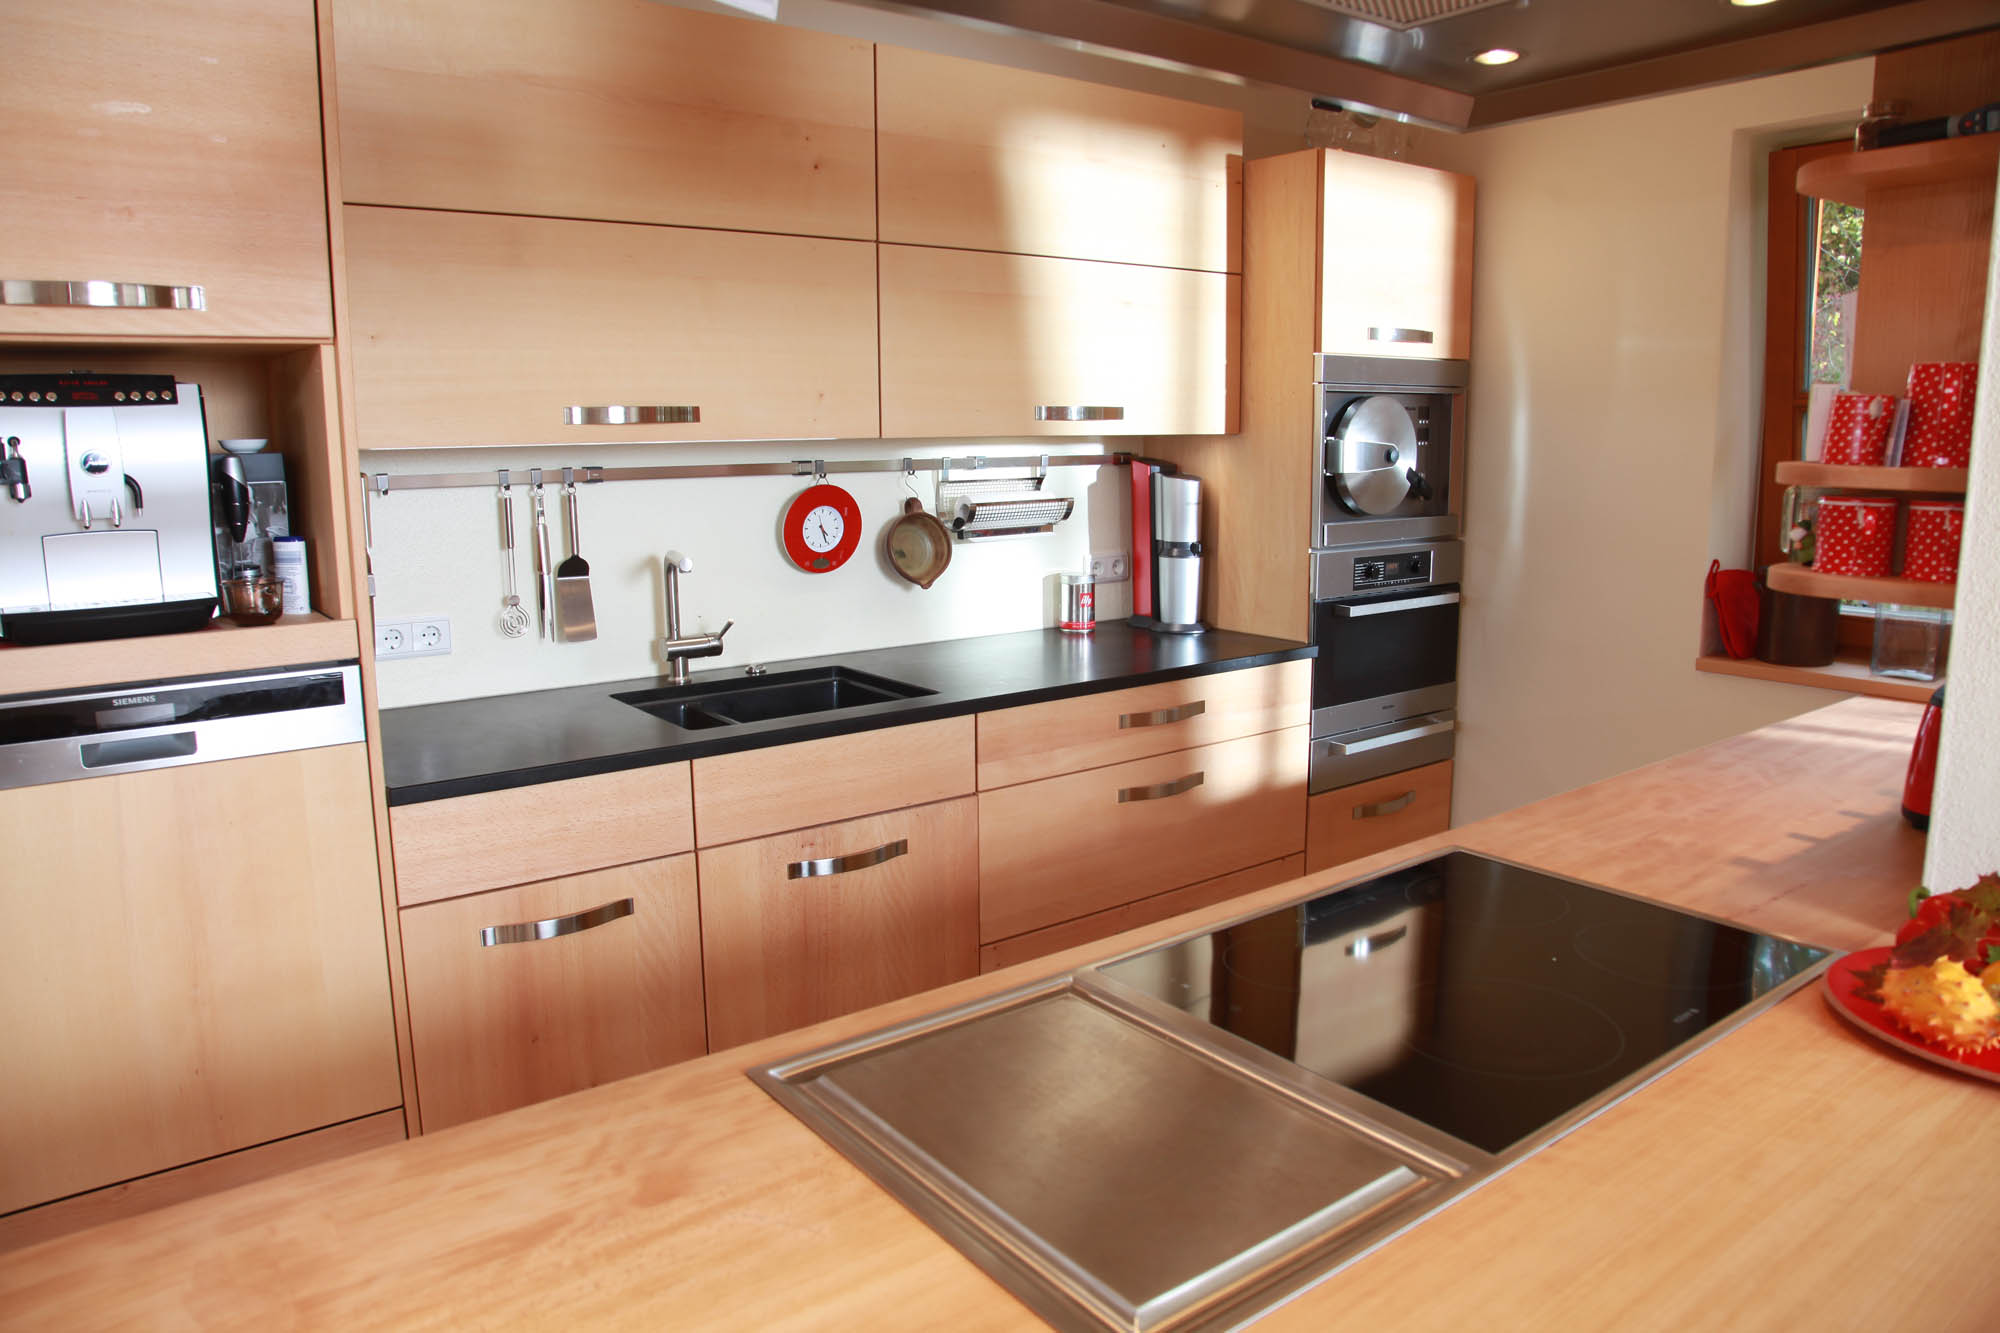 Buche Küche Welche Arbeitsplatte ~ Beste Inspiration für Ihr ...